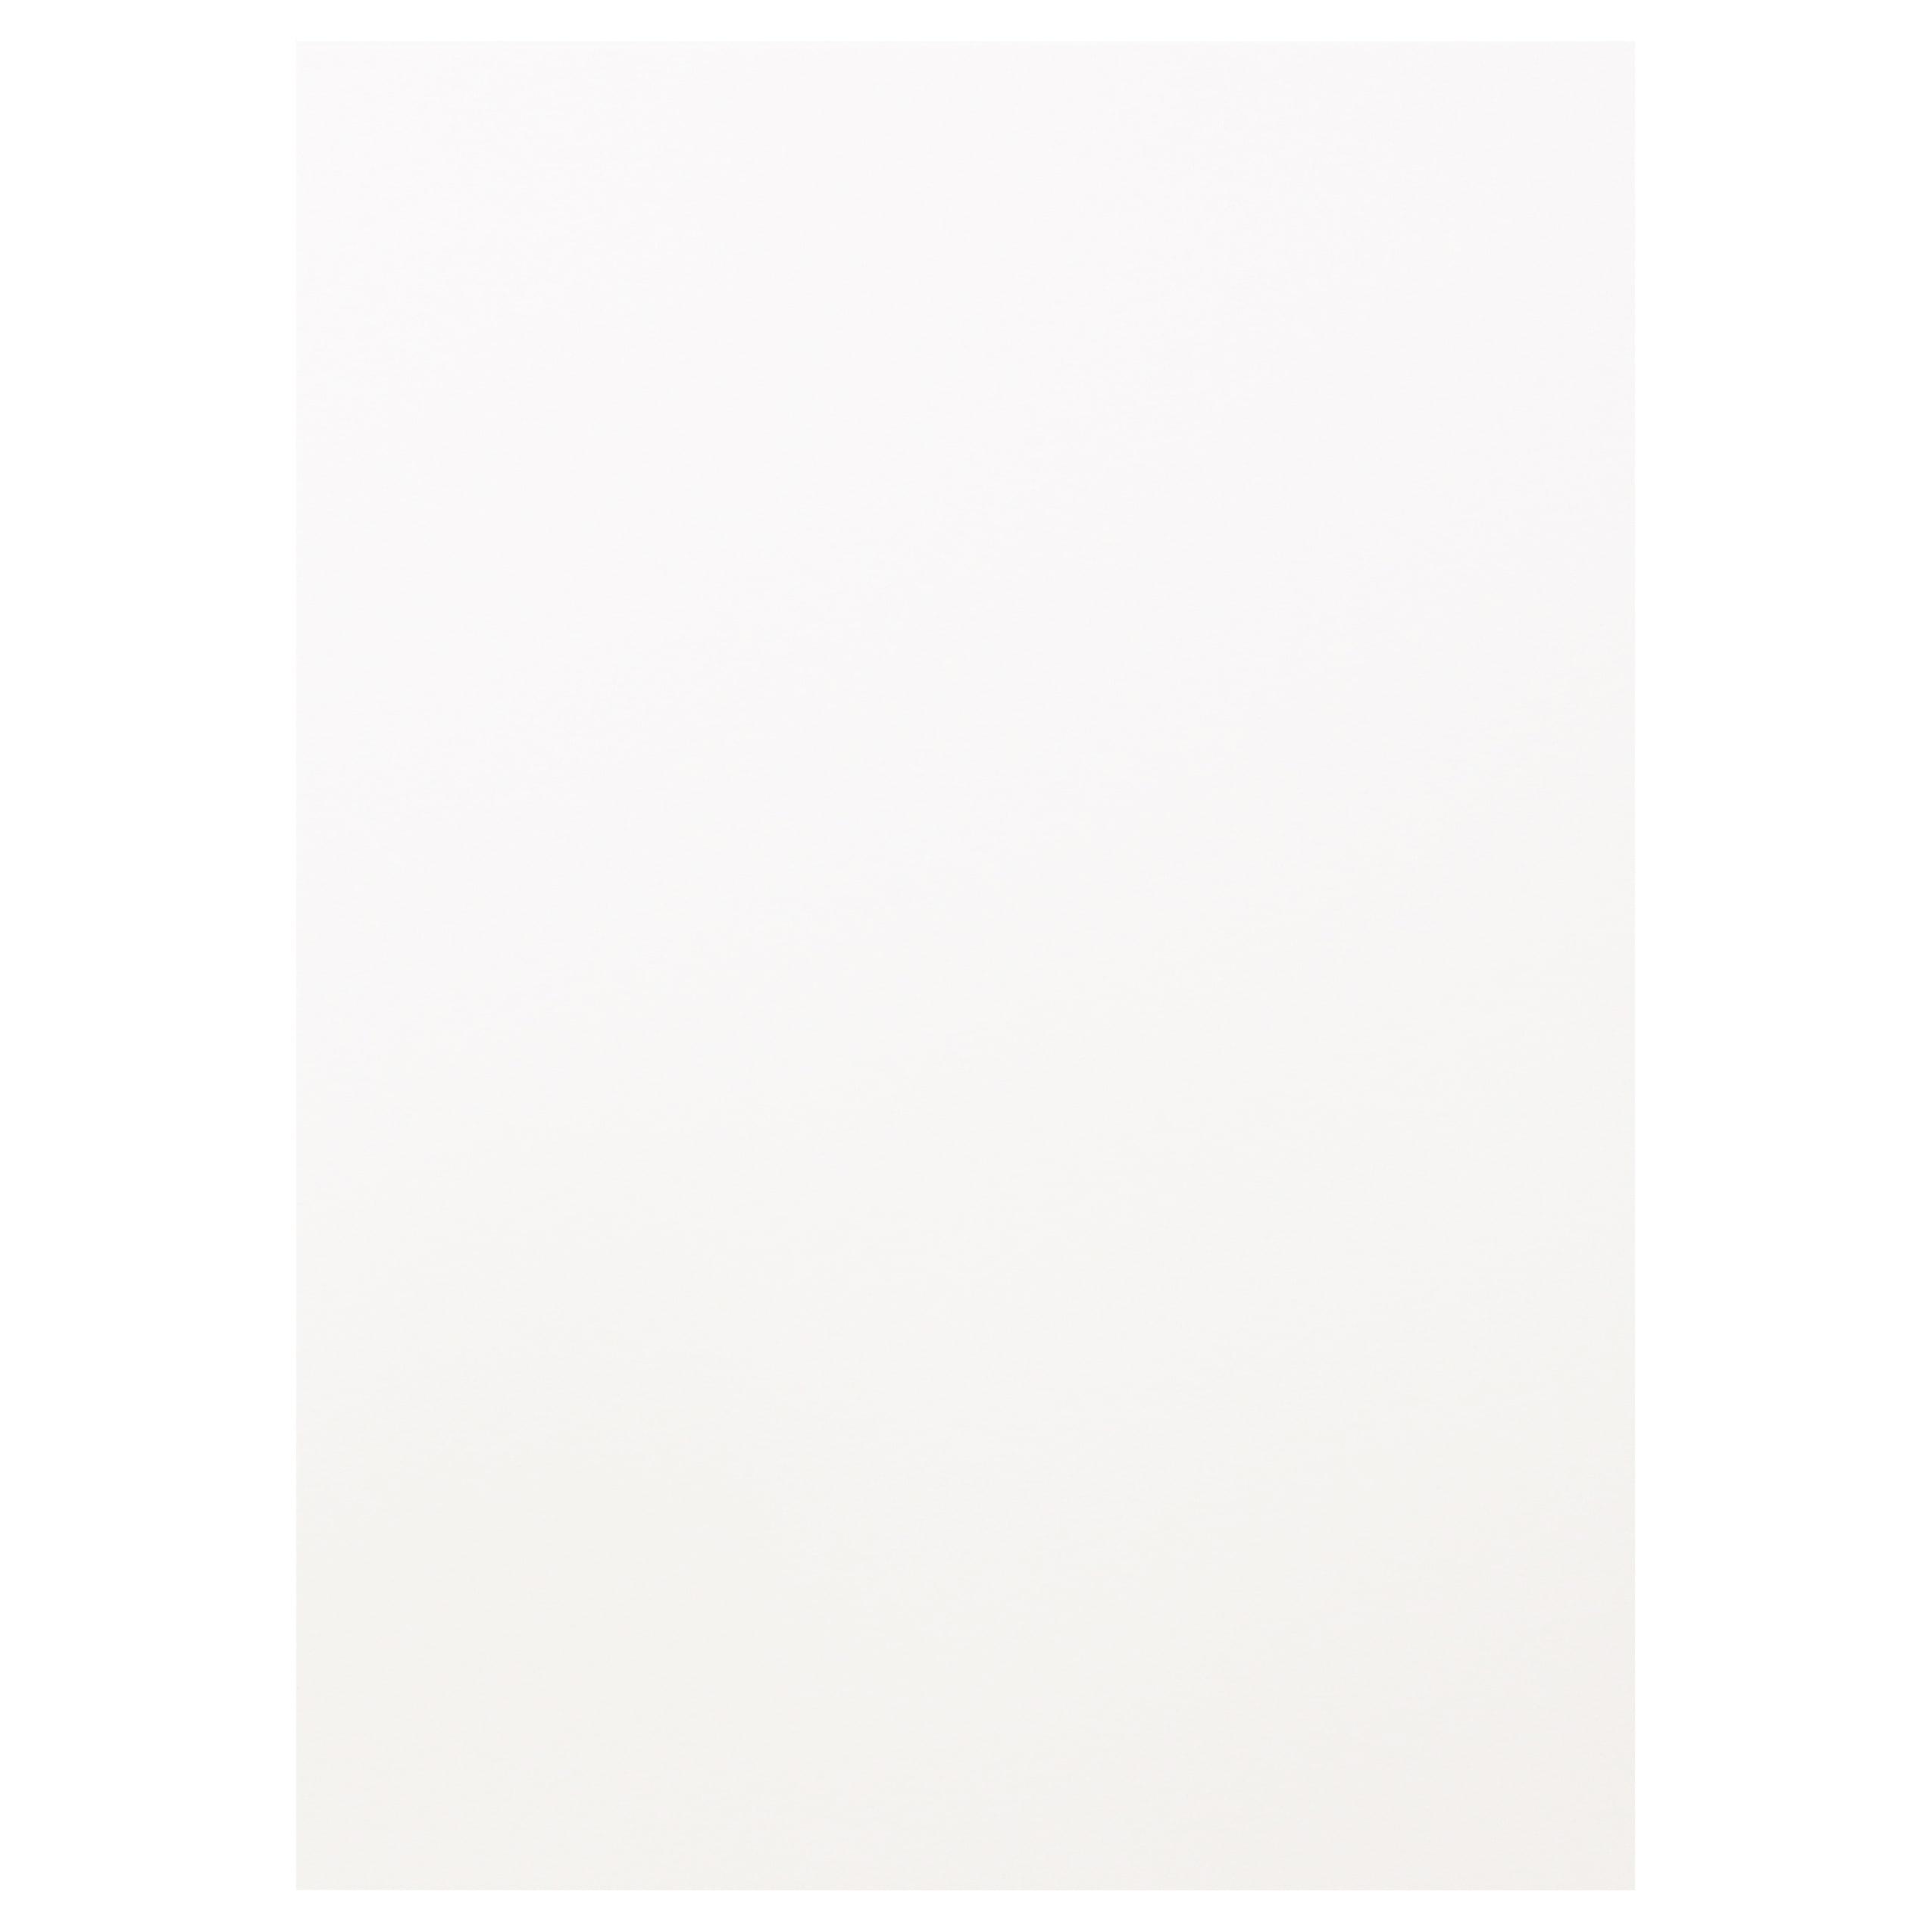 A4カード+α コットン スノーホワイト 348.8g